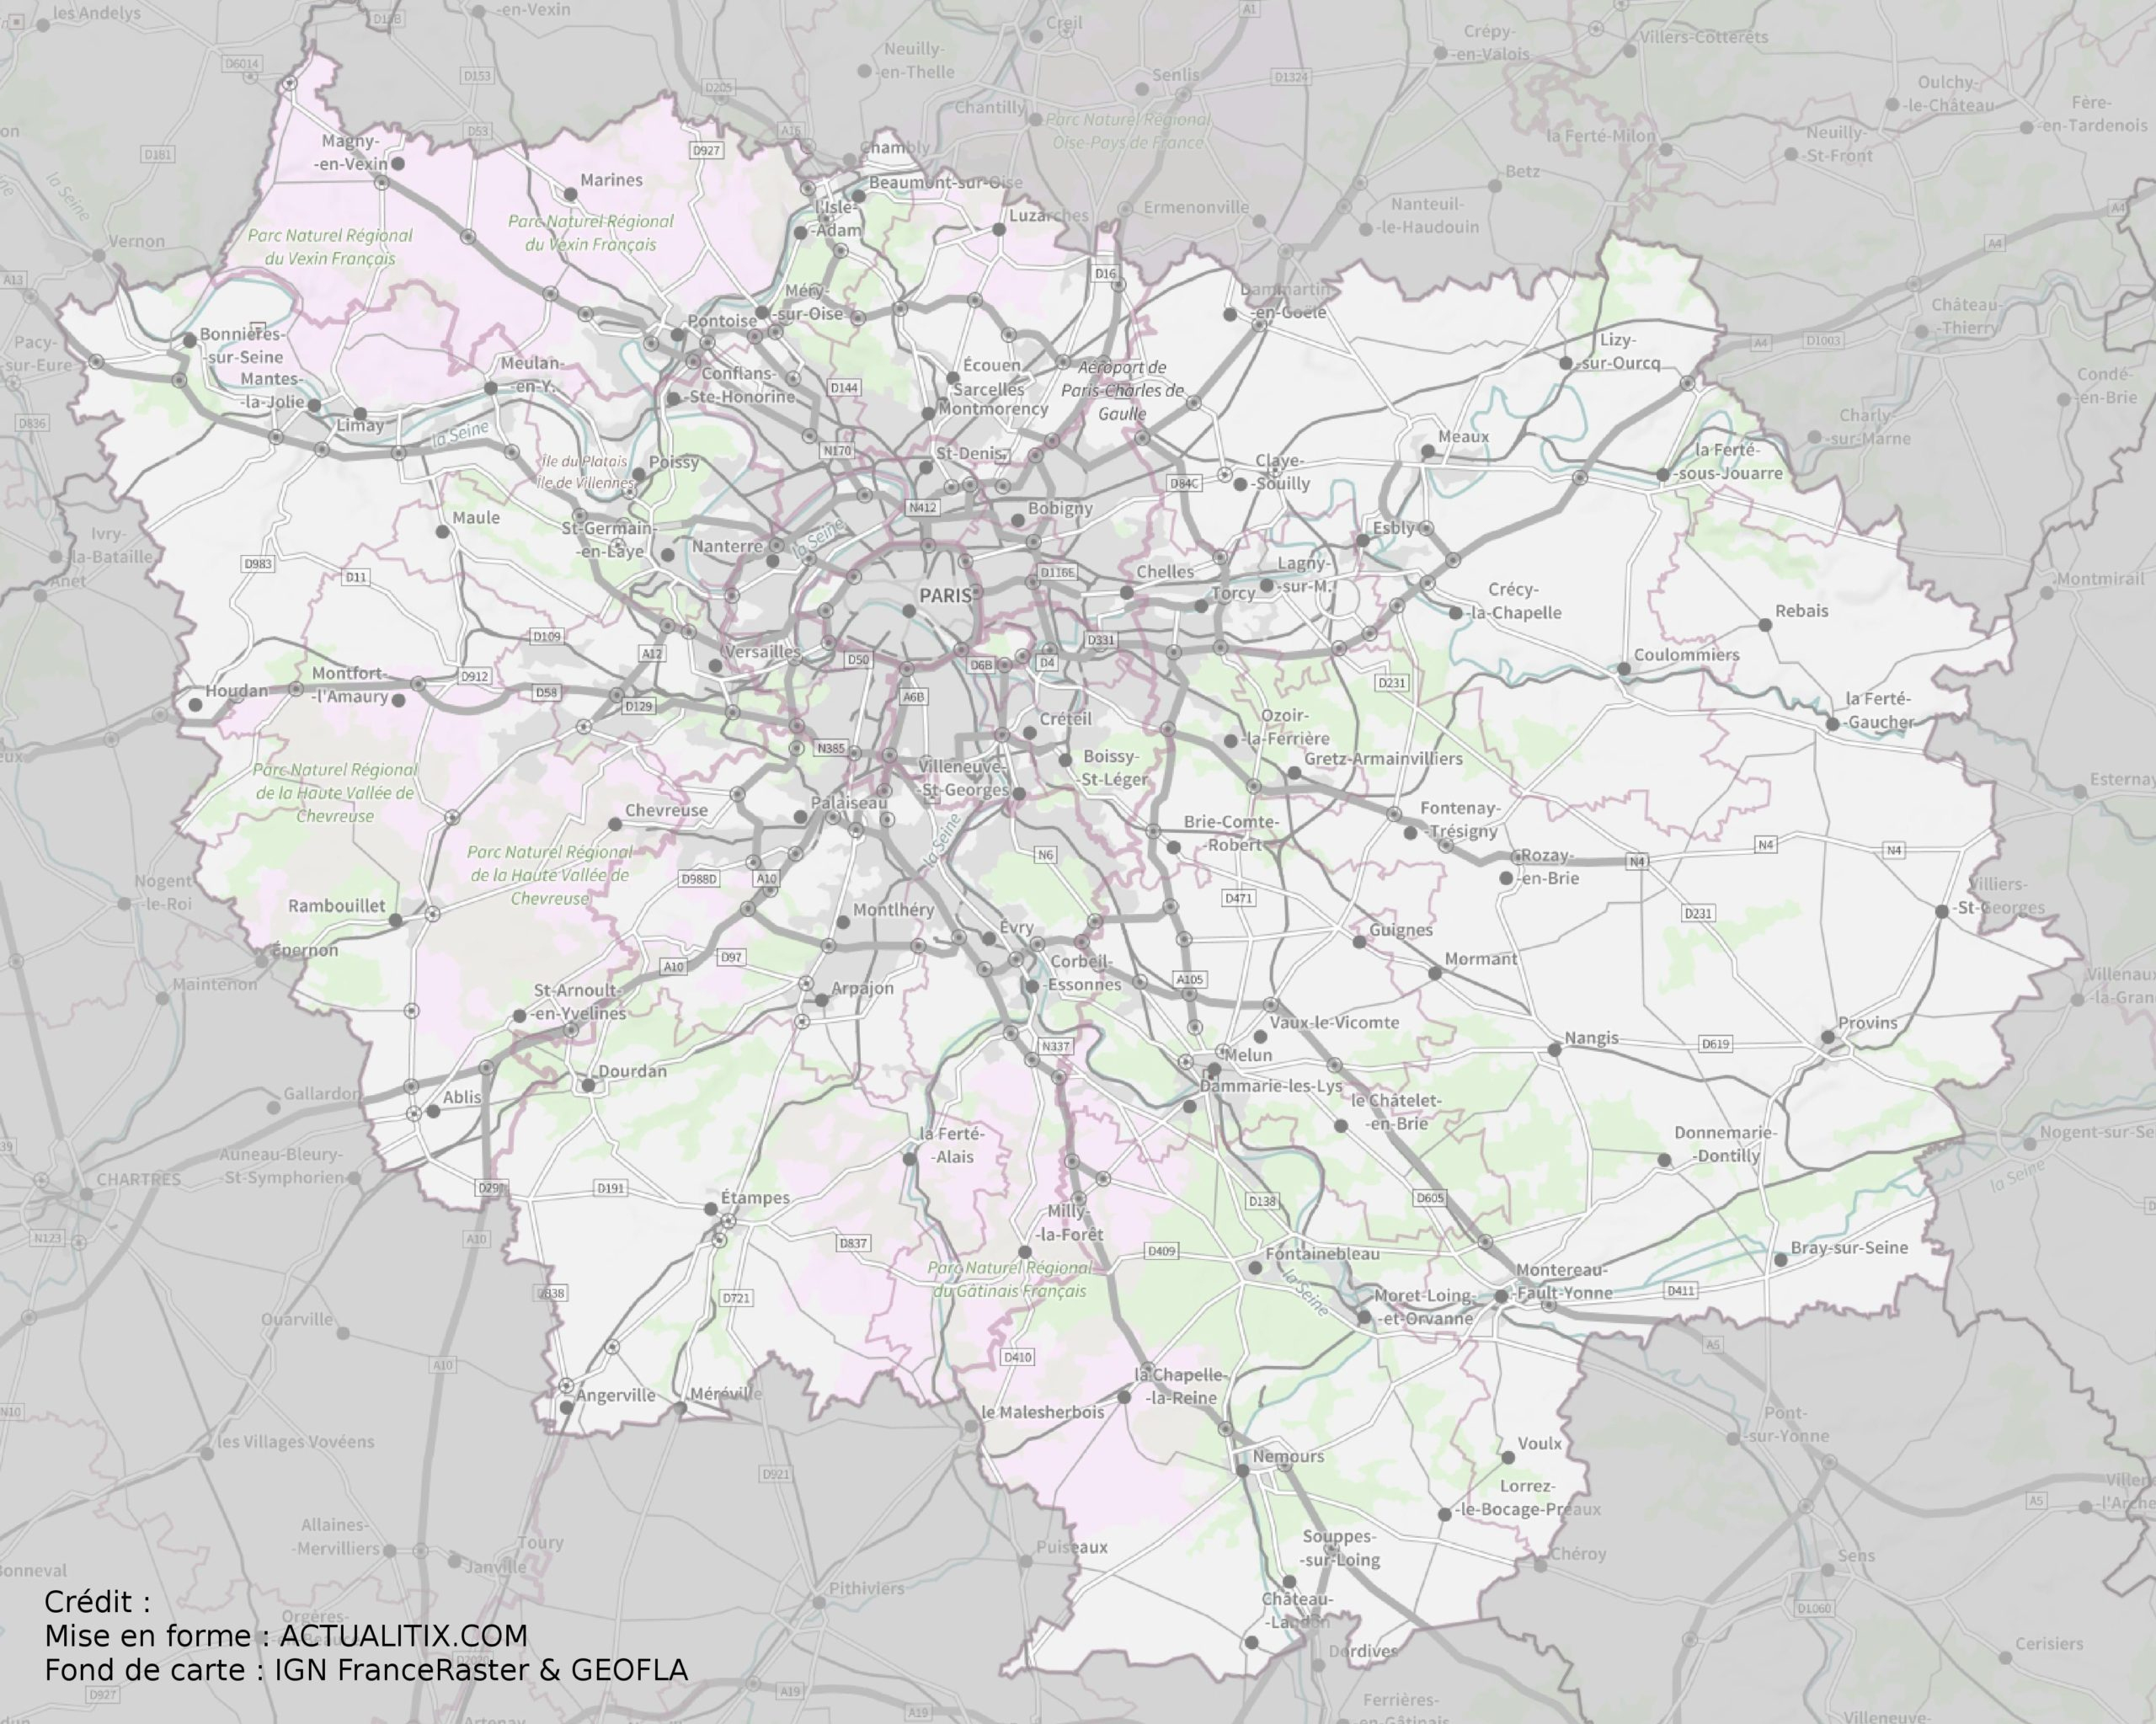 Carte De L'île-De-France - Île-De-France Carte Des Villes tout Carte France Vierge Villes